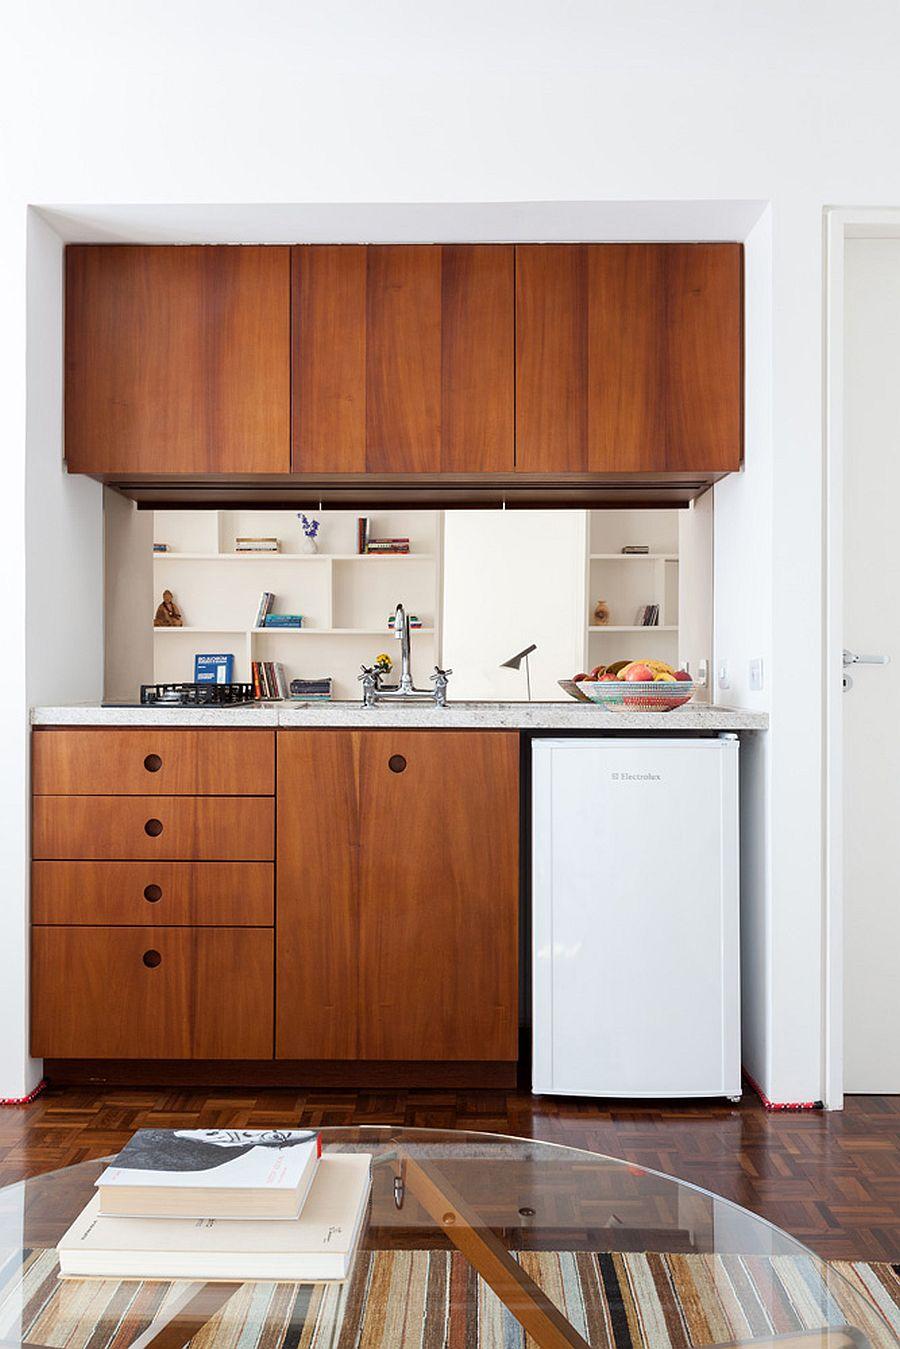 Tủ bếp bằng gỗ tạo điểm nhấn ấm áp cho căn hộ màu trắng chủ đạo.